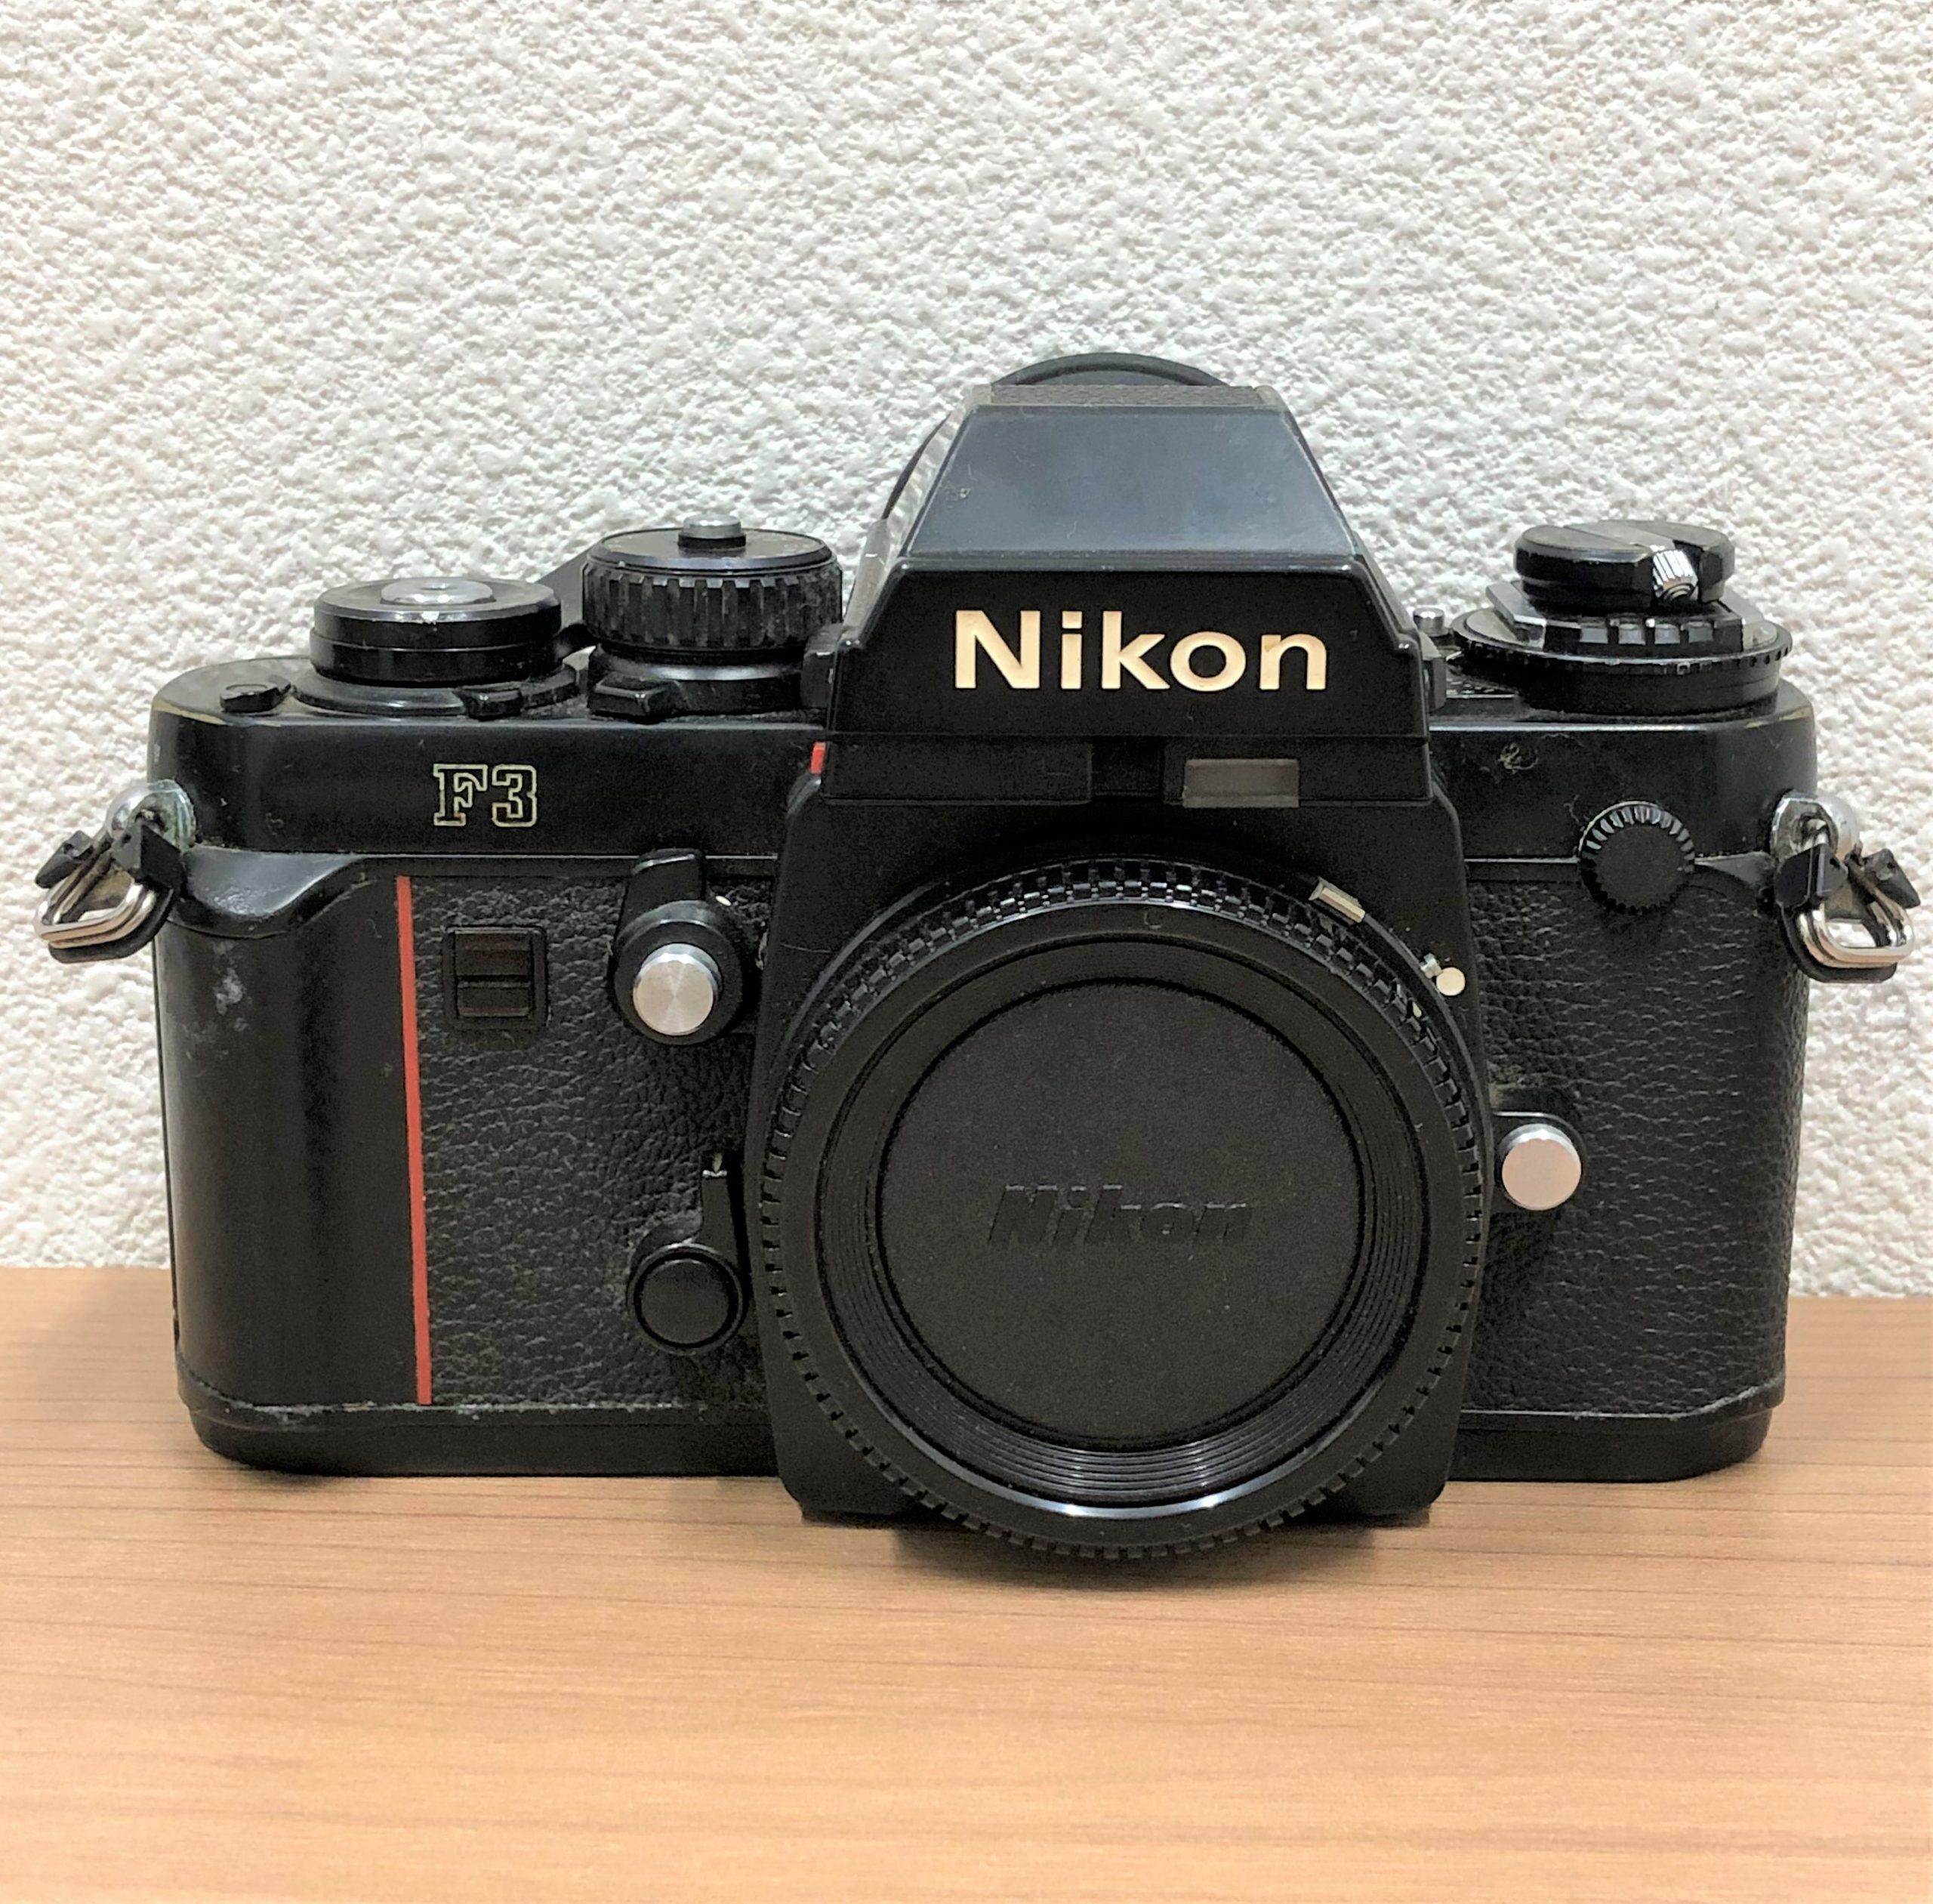 【Nikon/ニコン】F3 一眼レフフィルムカメラ